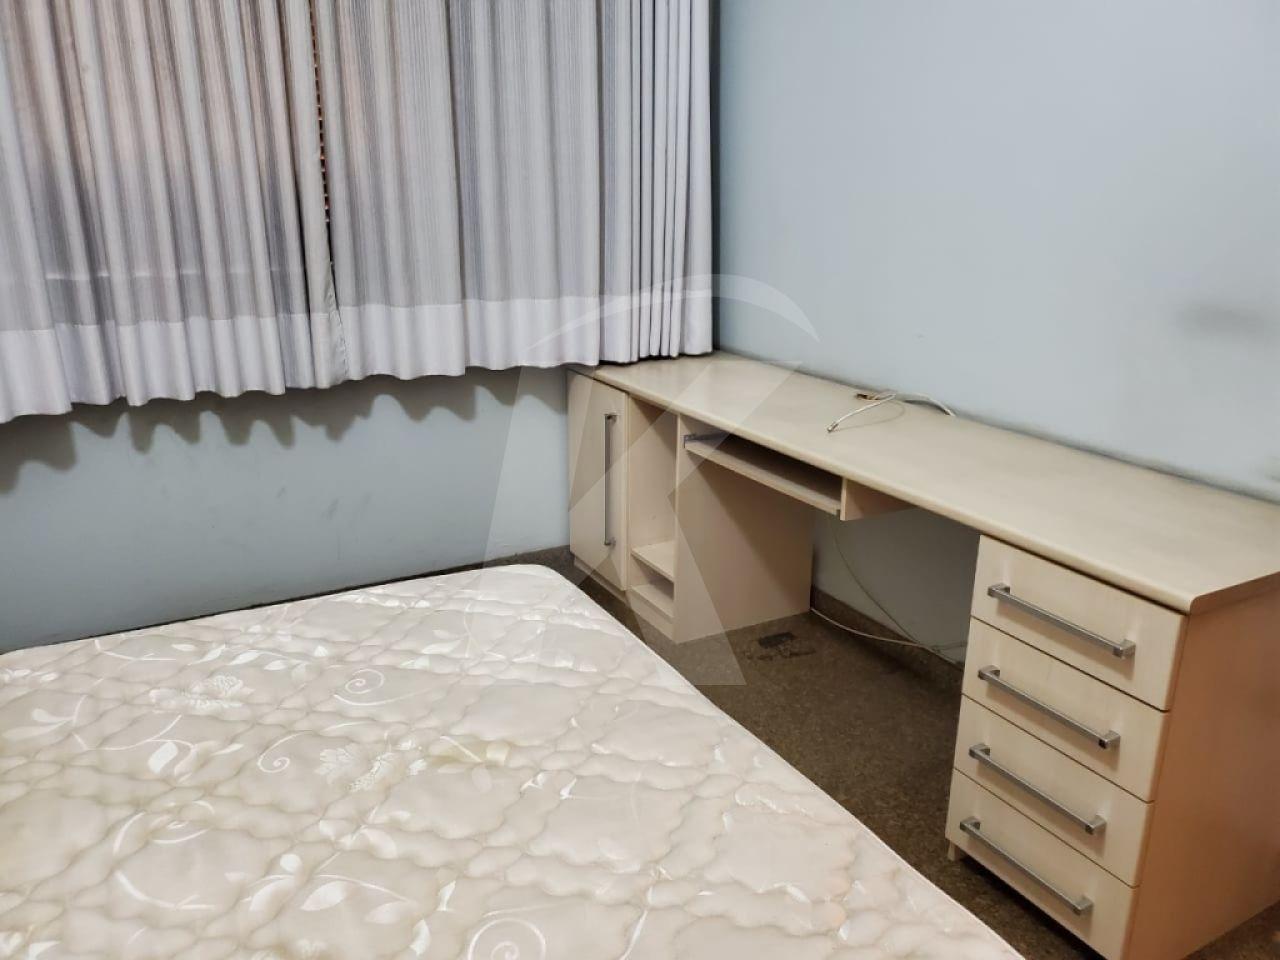 Sobrado Vila Nilo - 3 Dormitório(s) - São Paulo - SP - REF. KA11789